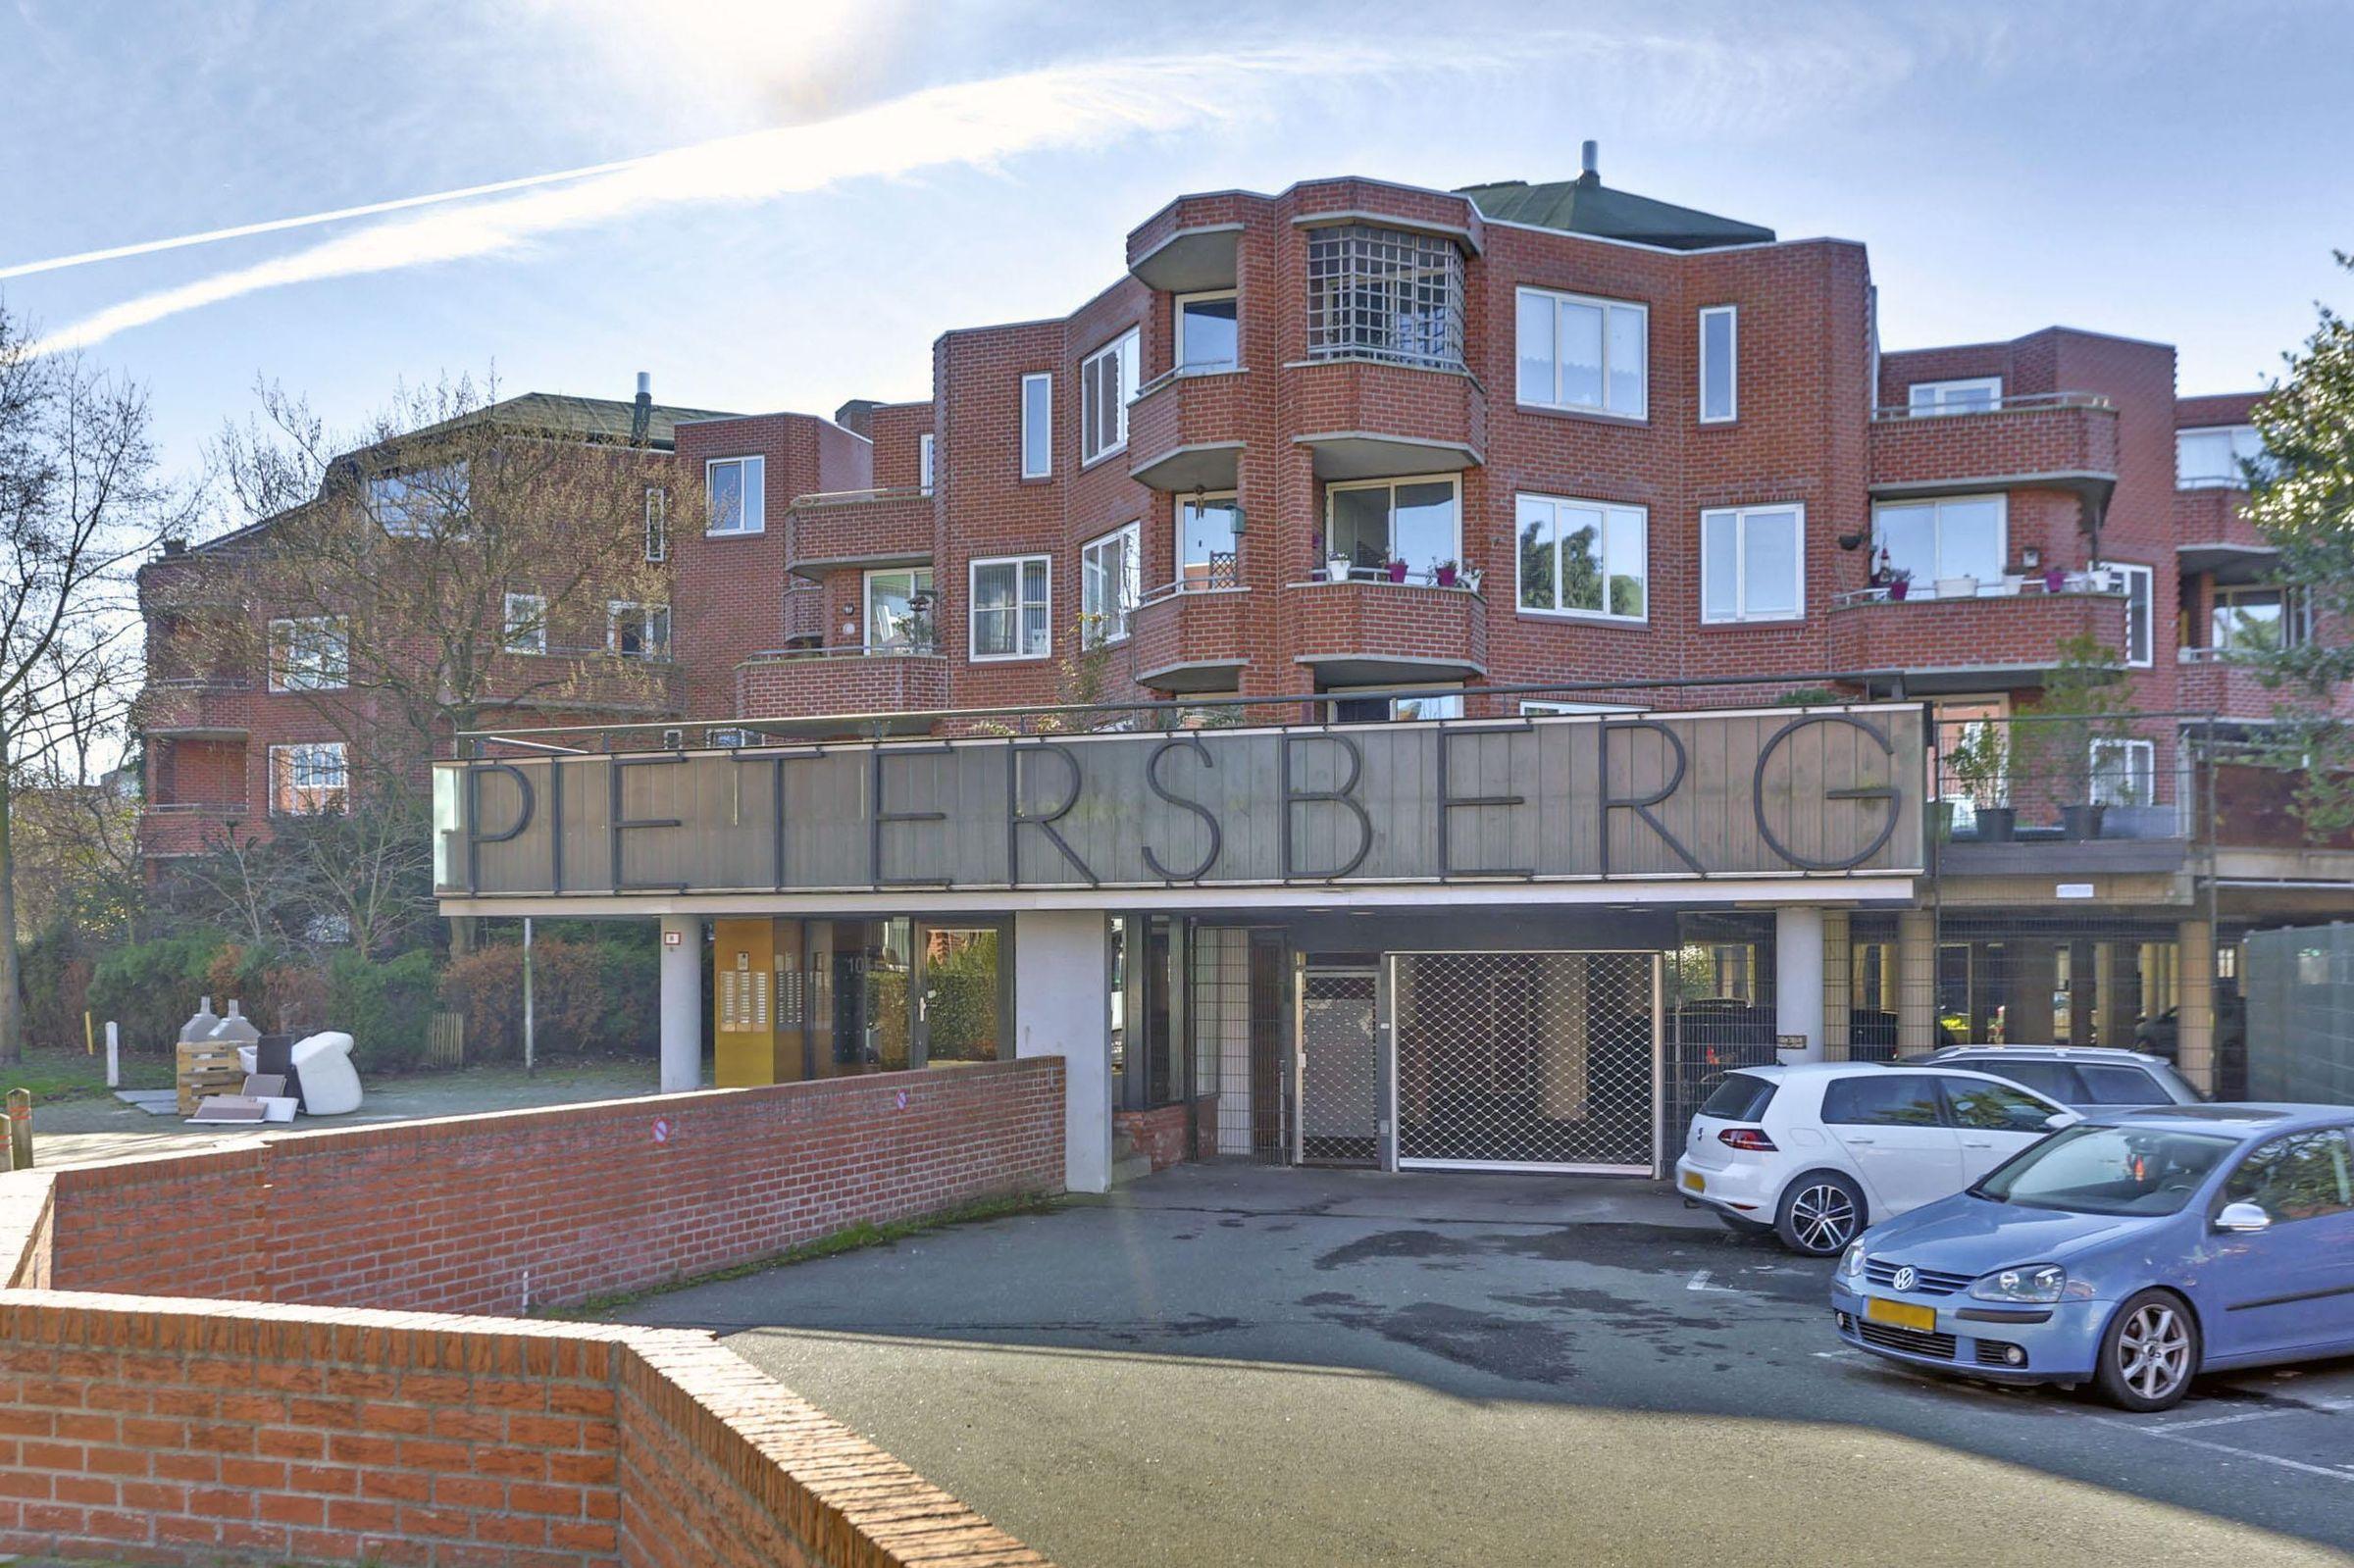 Pietersberg 140, Capelle aan den IJssel